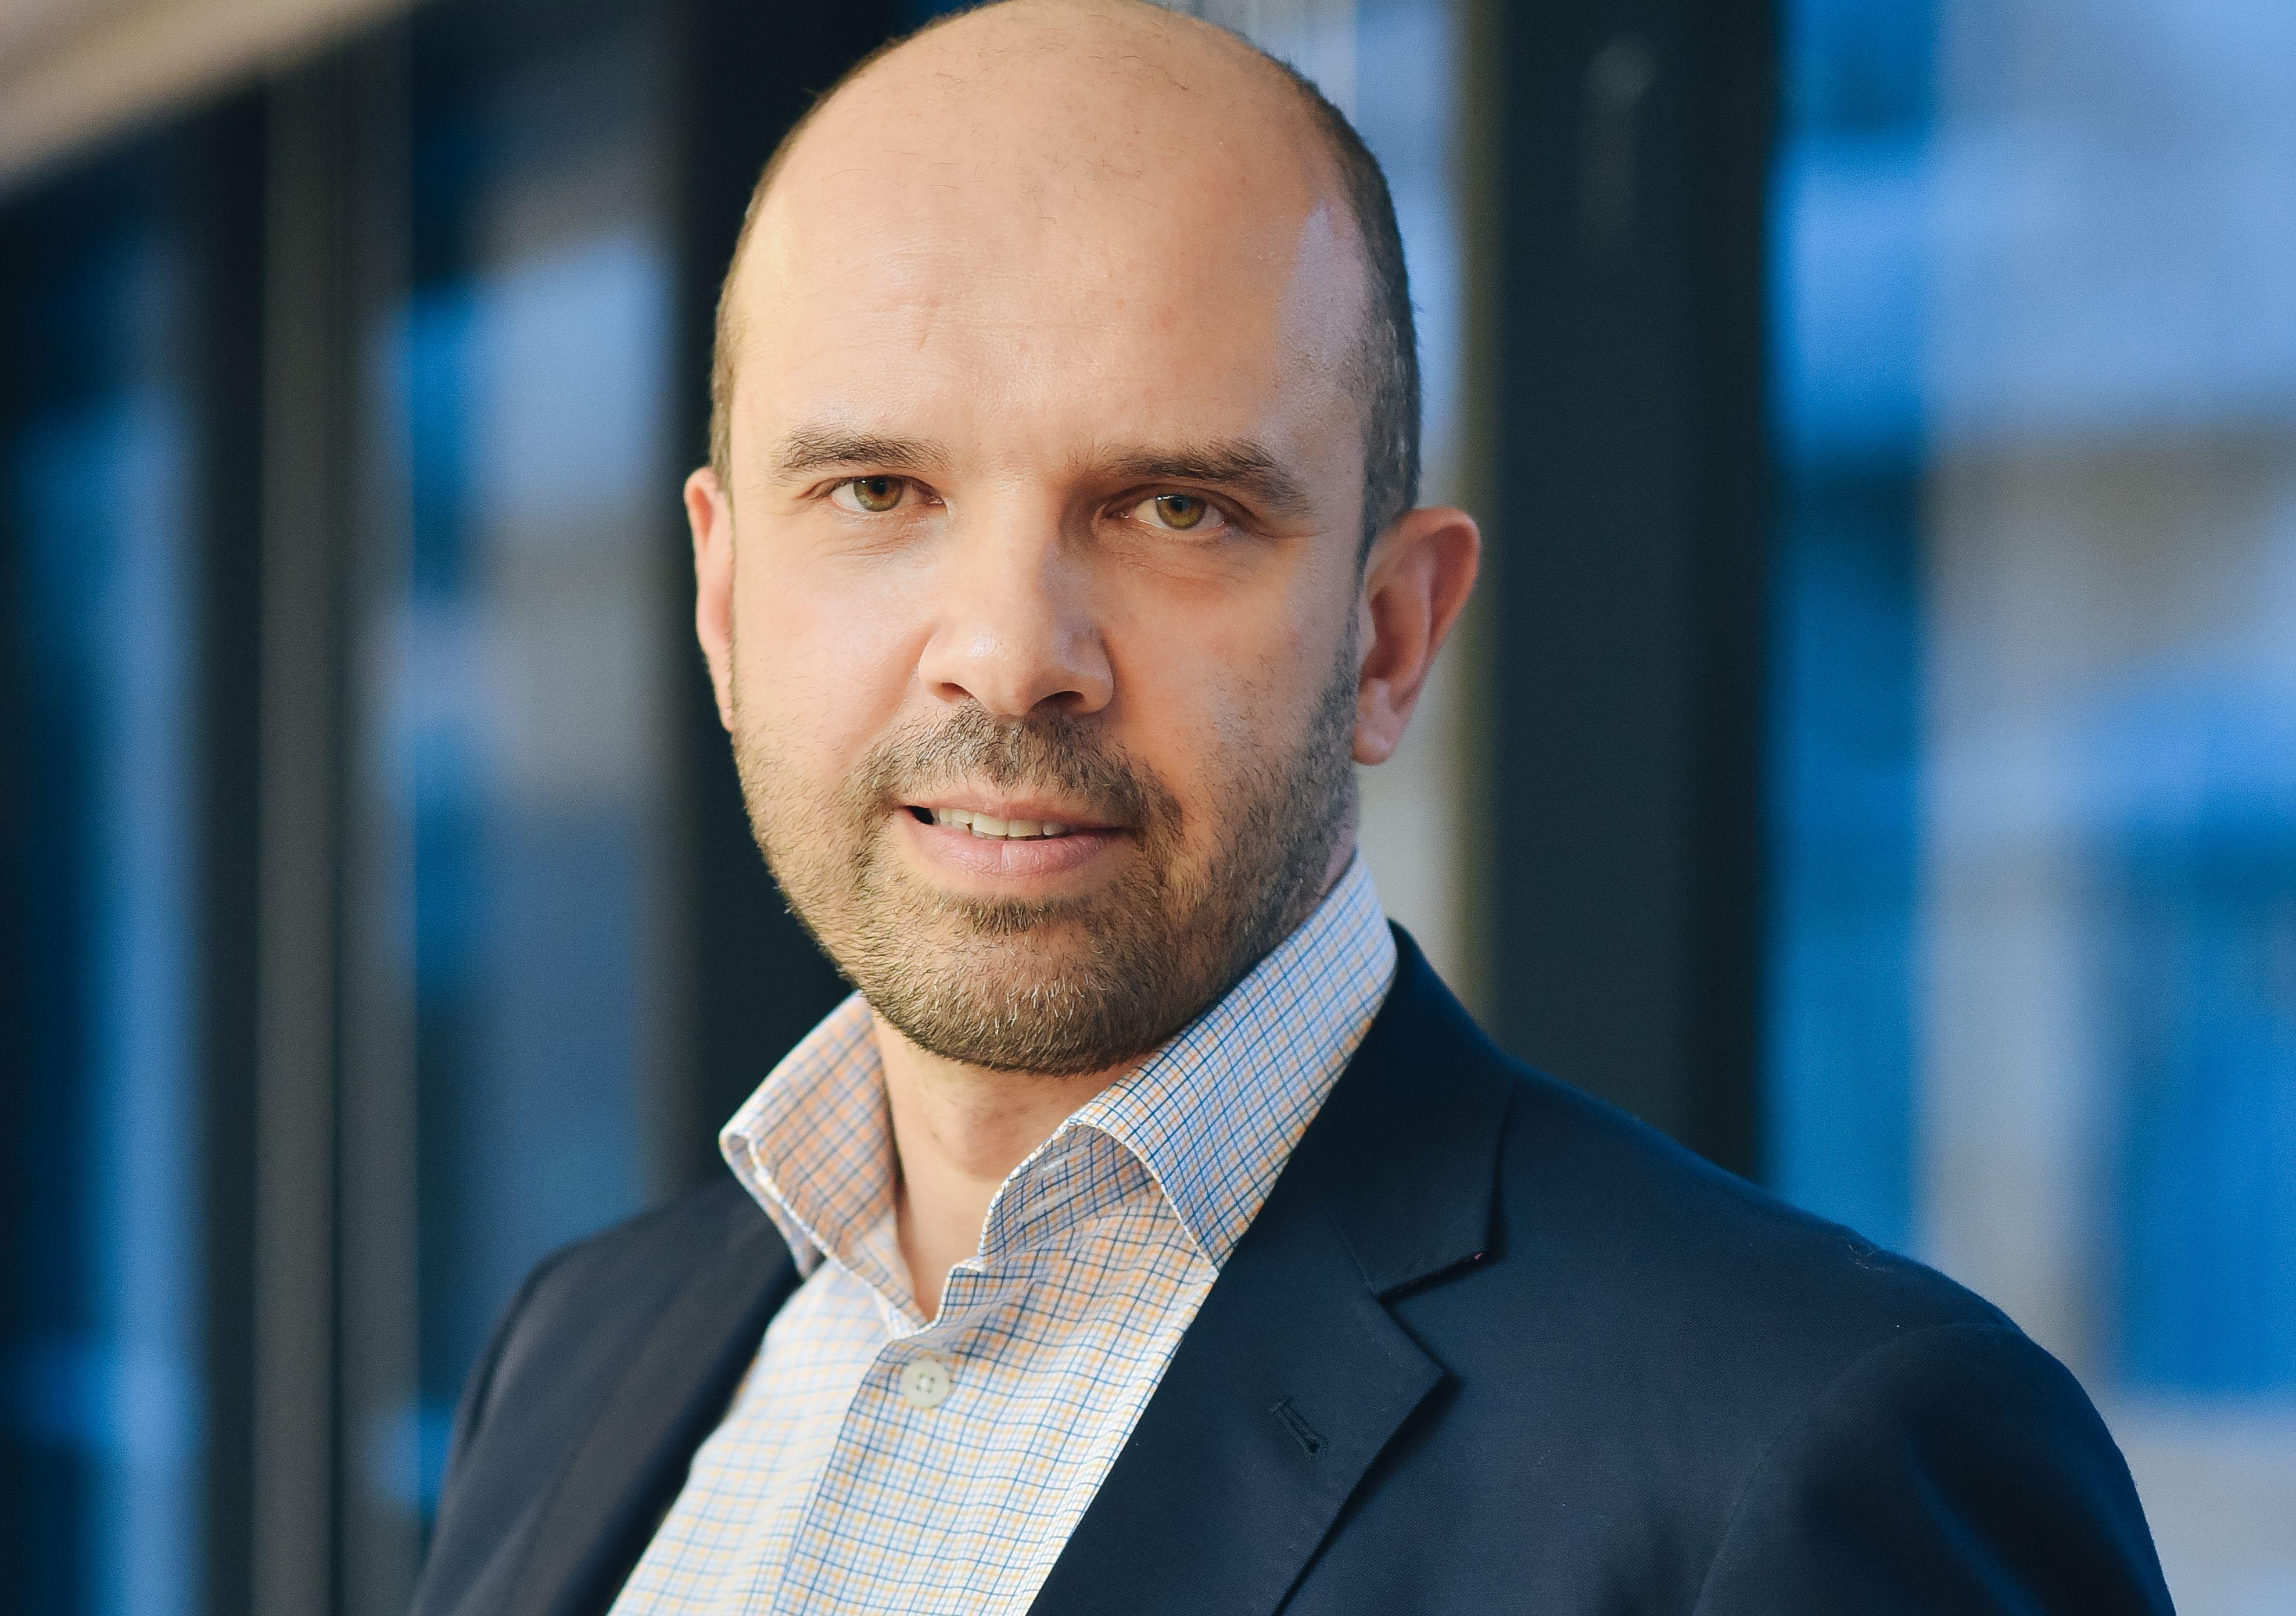 Studiu Deloitte: executivii cred în a patra revoluție industrială, dar se îndoiesc că o pot influența